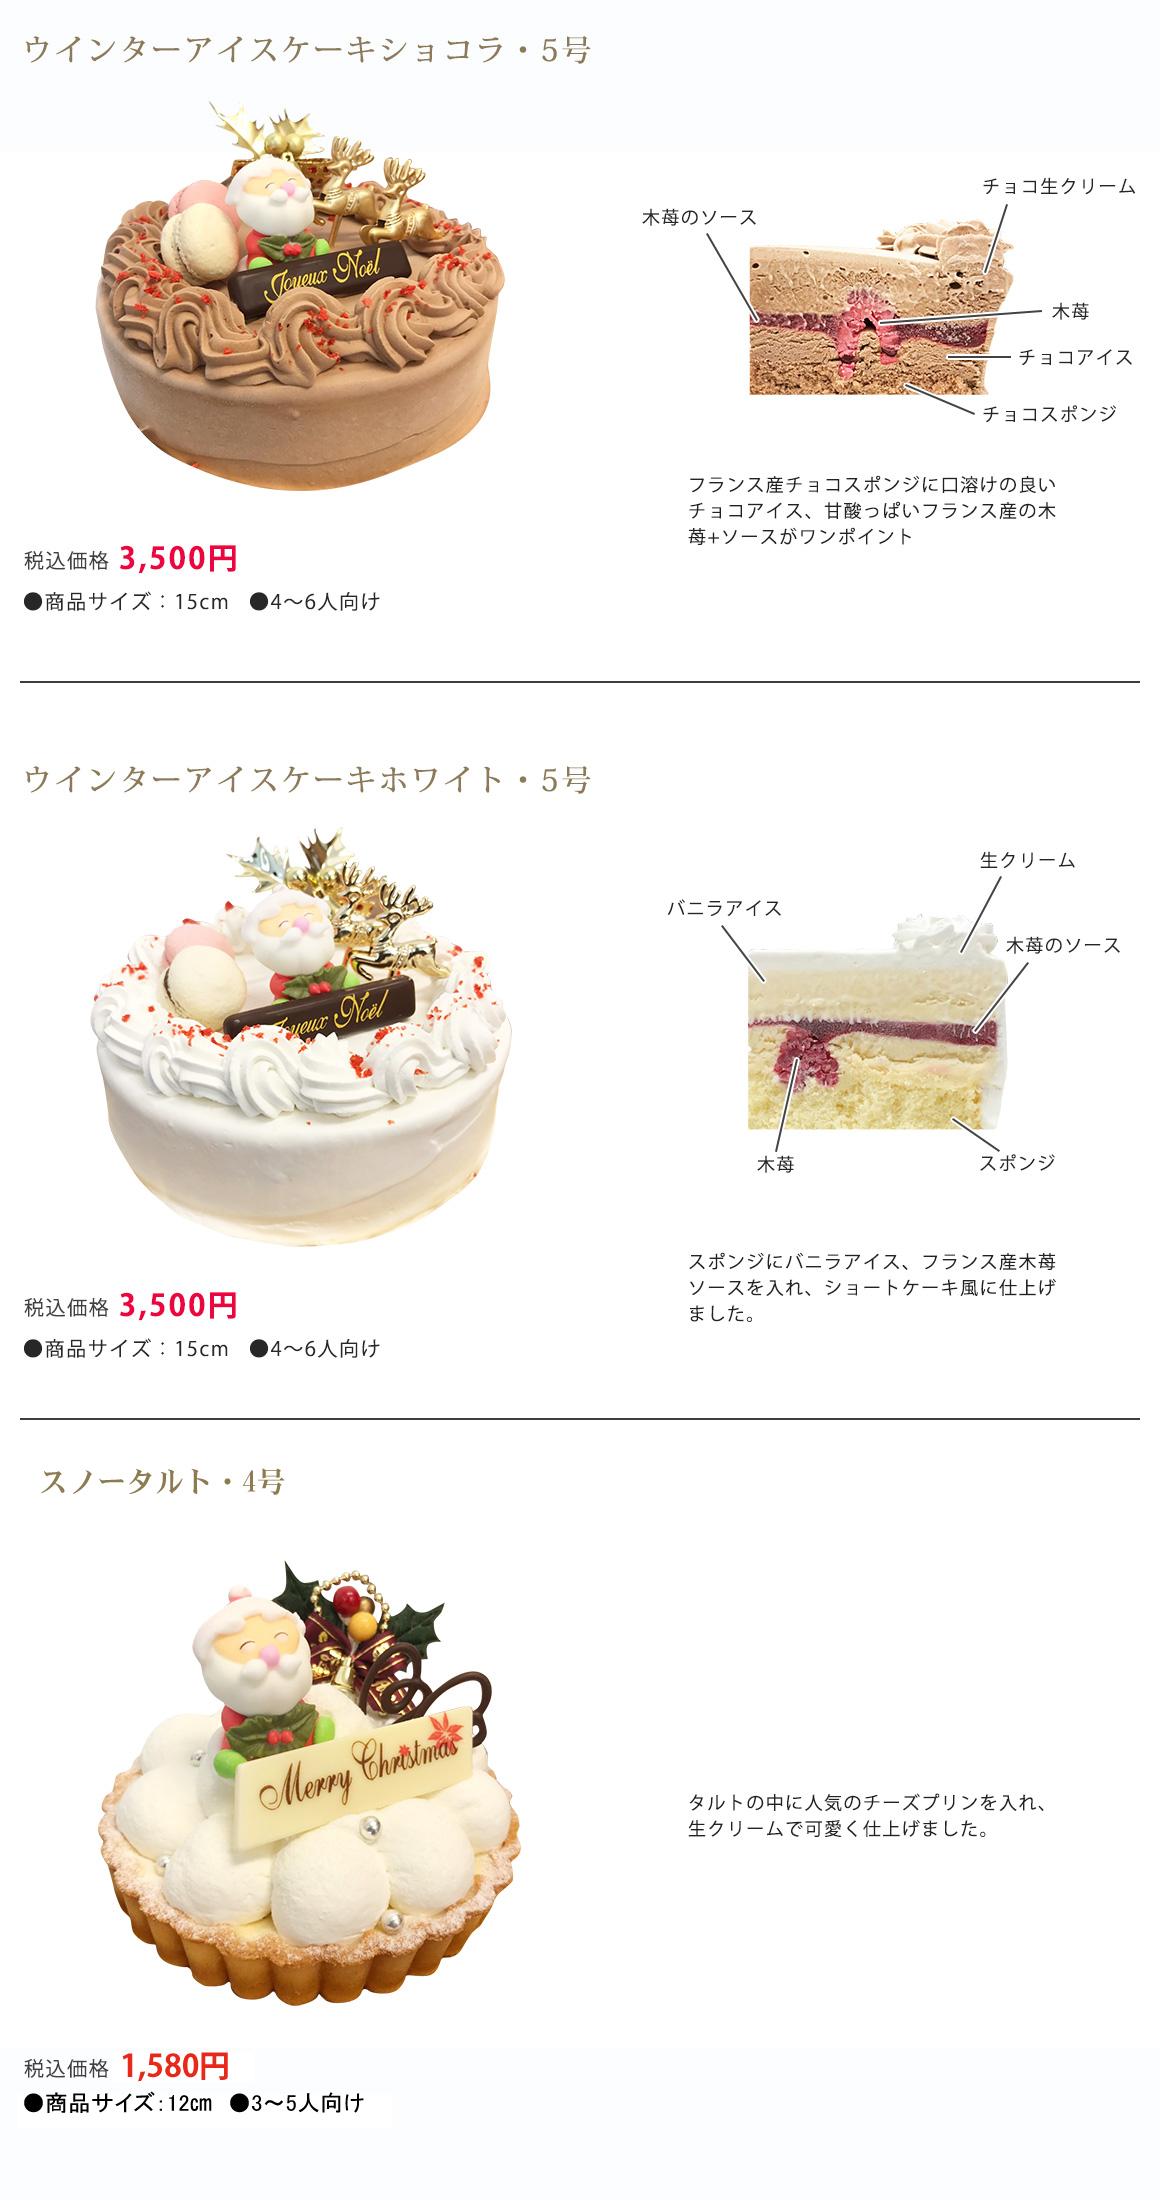 琉球プディングクリスマスアイスケーキ